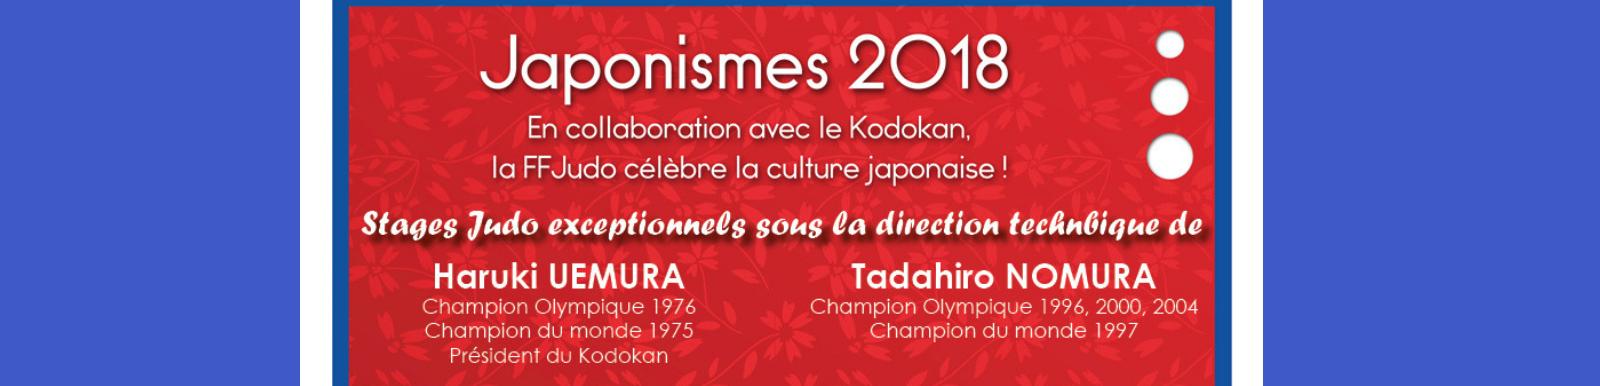 japonismes-2018